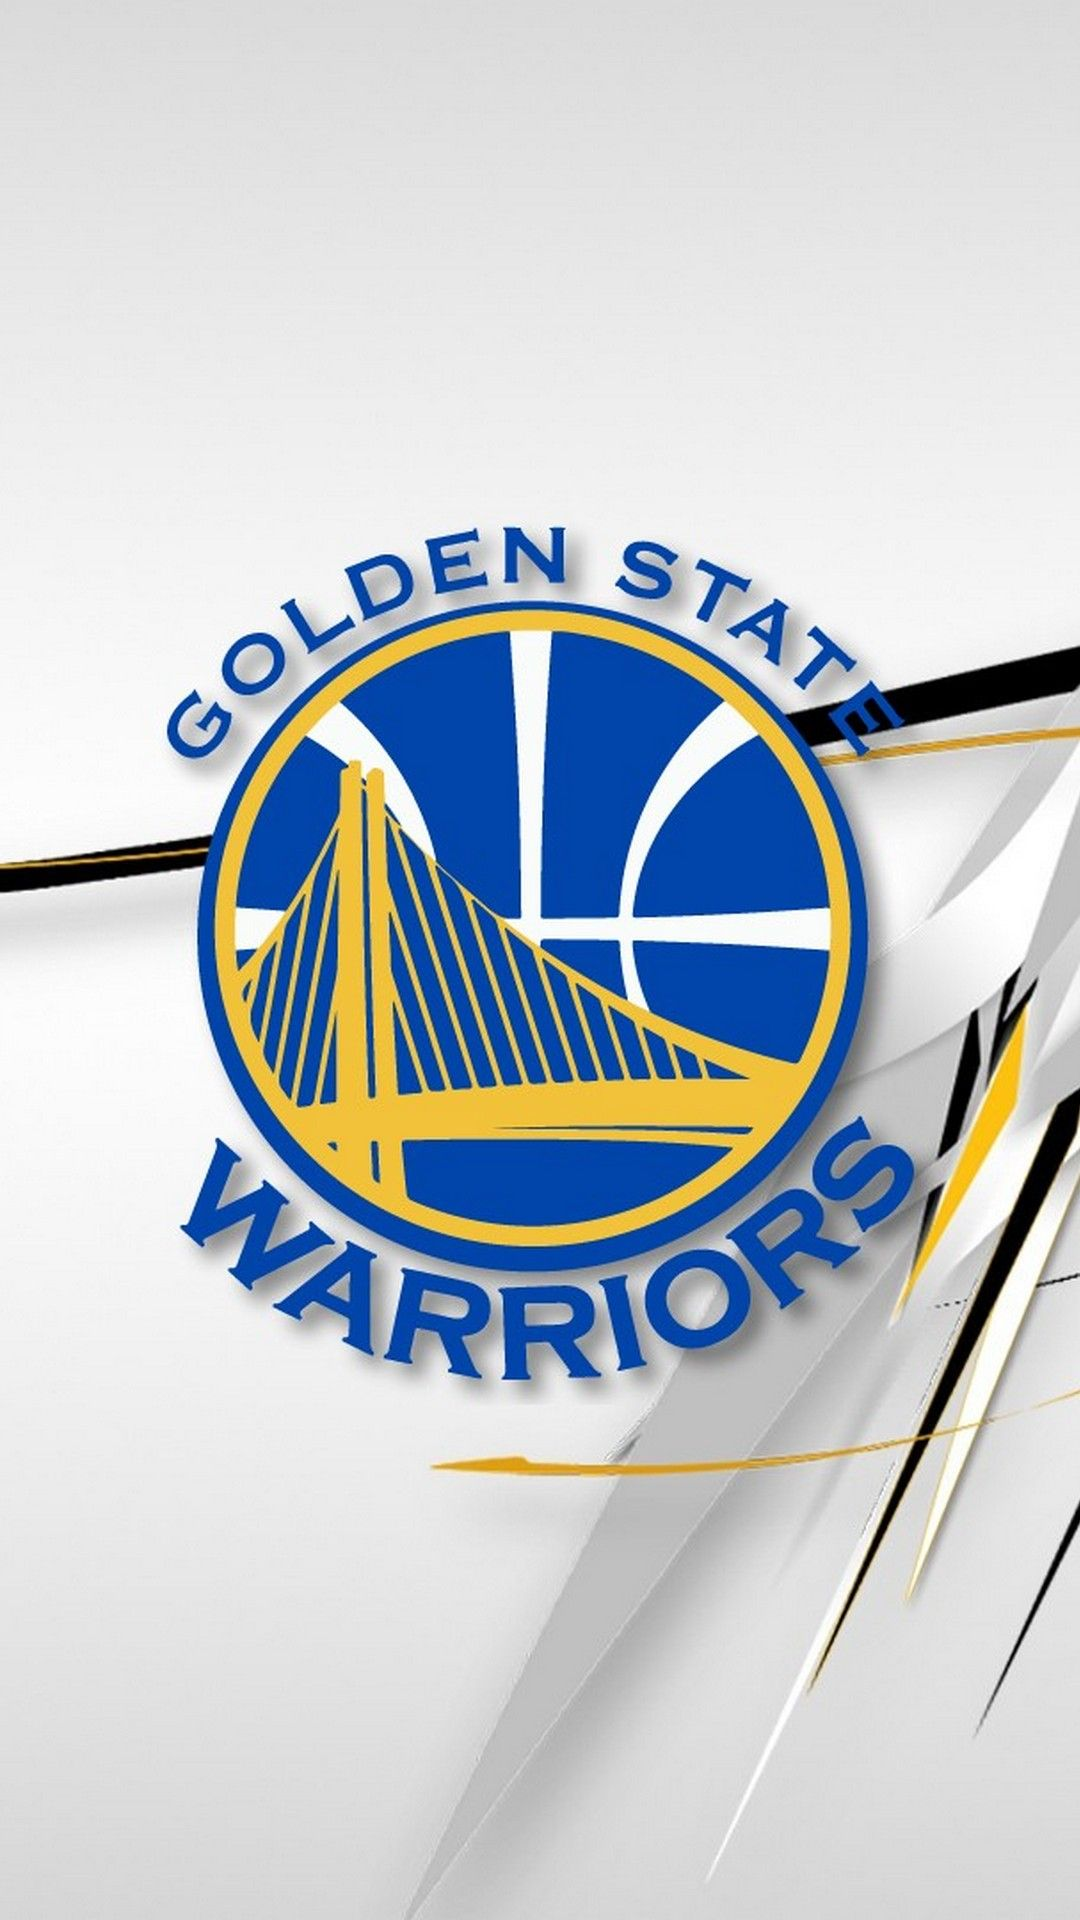 Iphone Wallpaper Hd Golden State Warriors Best Wallpaper Hd Golden State Warriors Wallpaper Golden State Warriors Logo Warriors Wallpaper